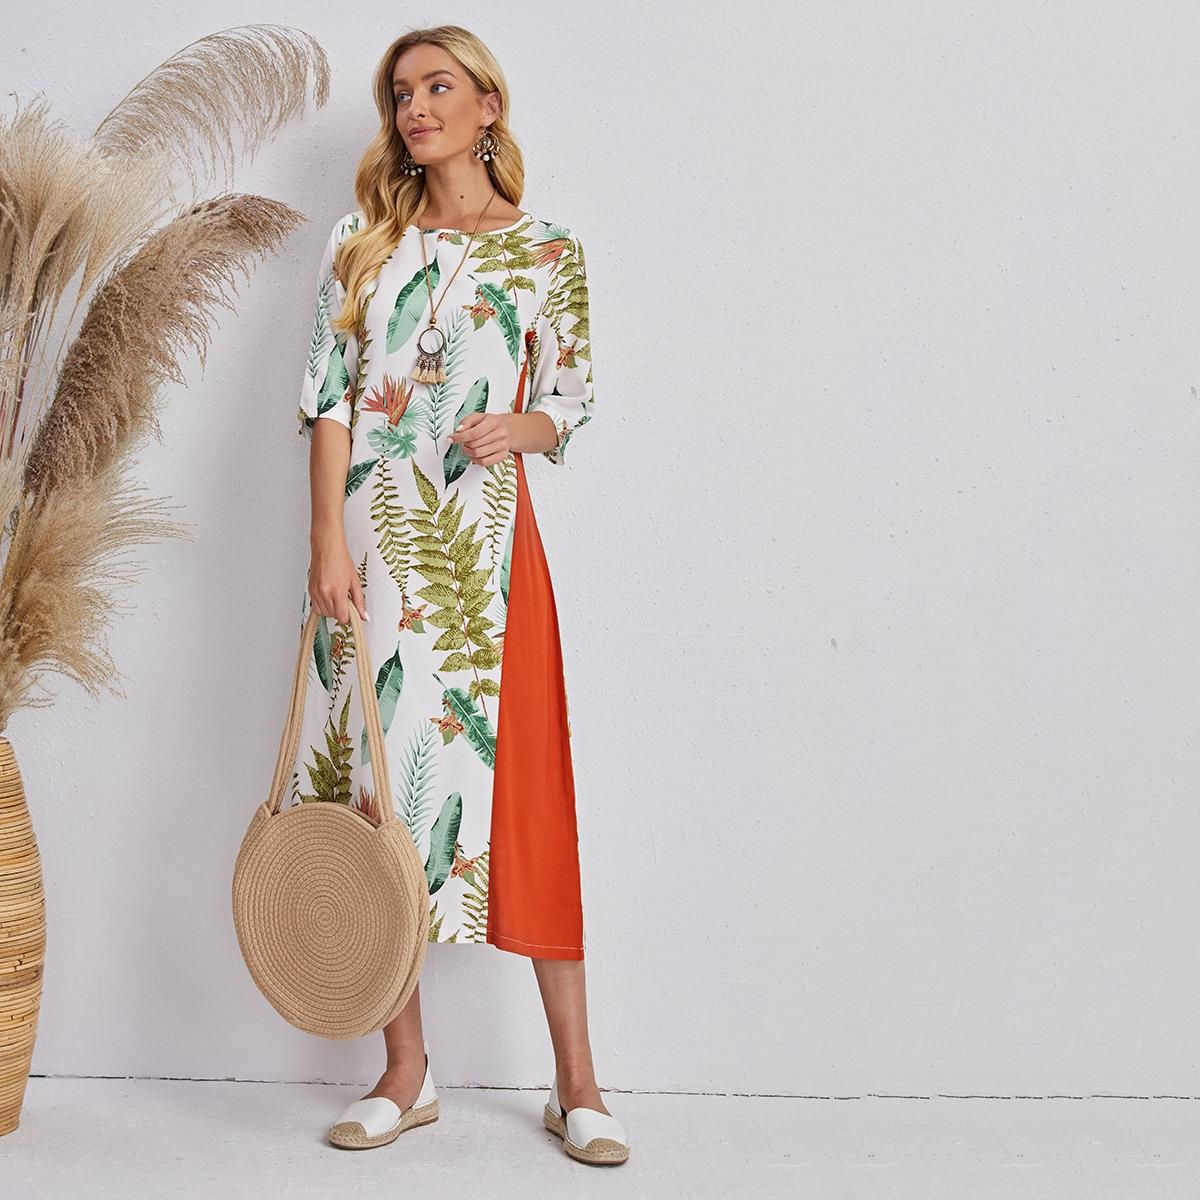 Контрастное платье с принтом растений